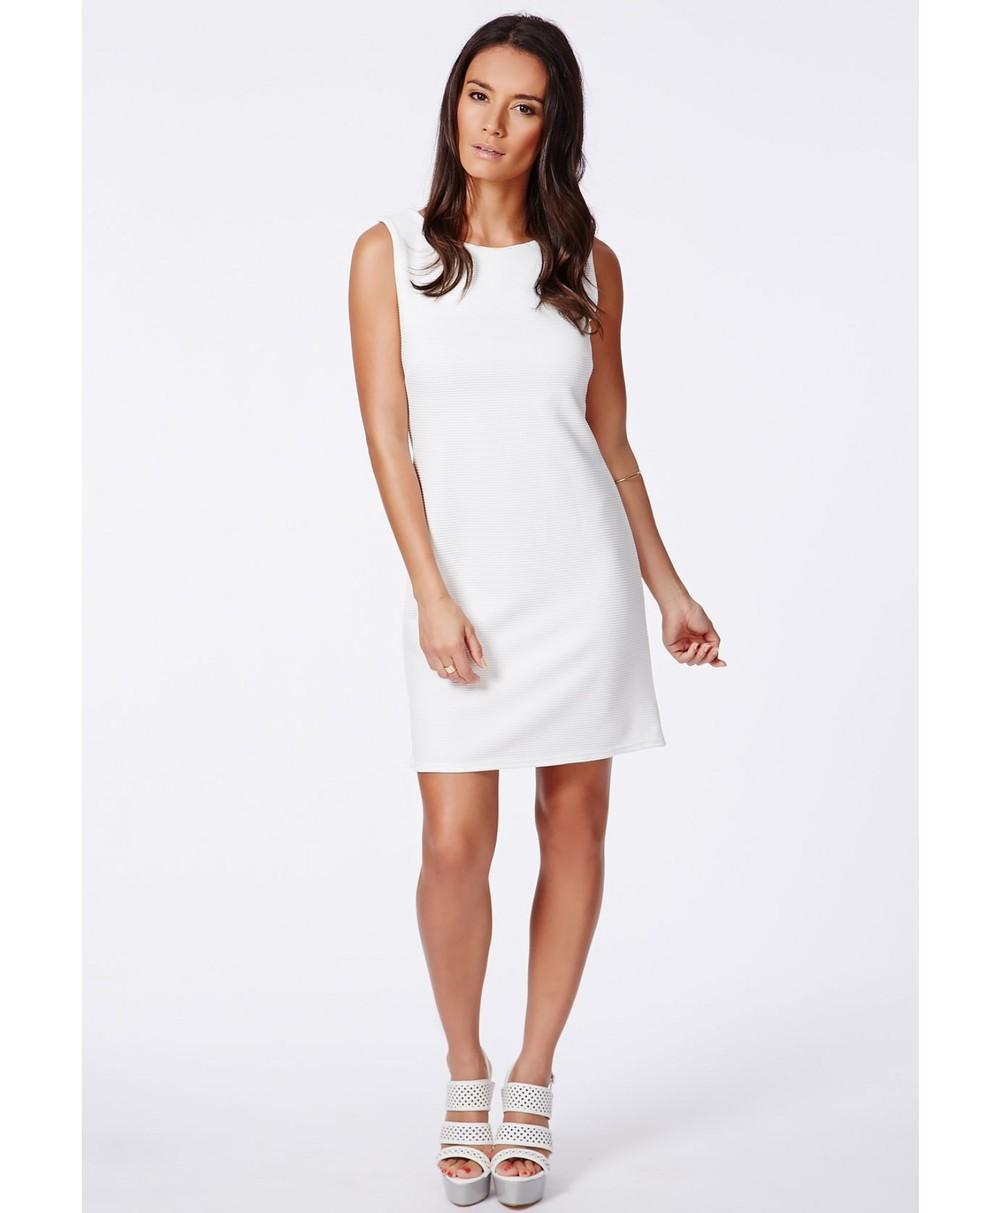 897eb6d7161de Beyaz Ofis İçin Resmi Kolsuz Düz Elbise - Buy Düz Elbise Ofis,Beyaz ...